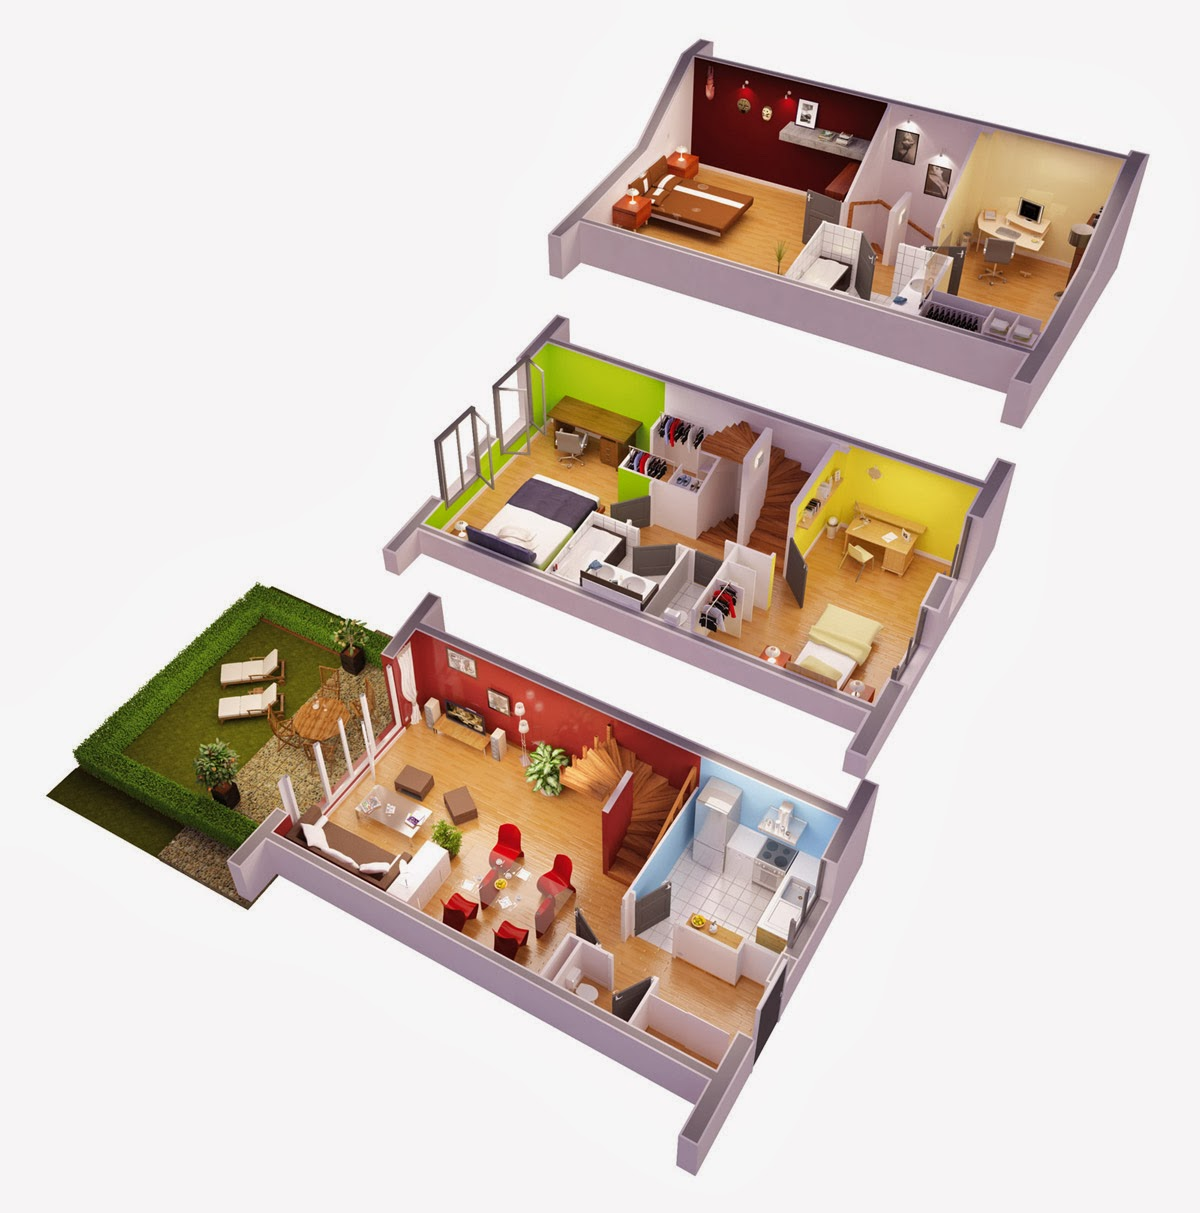 plan de maison en l gratuit. Black Bedroom Furniture Sets. Home Design Ideas